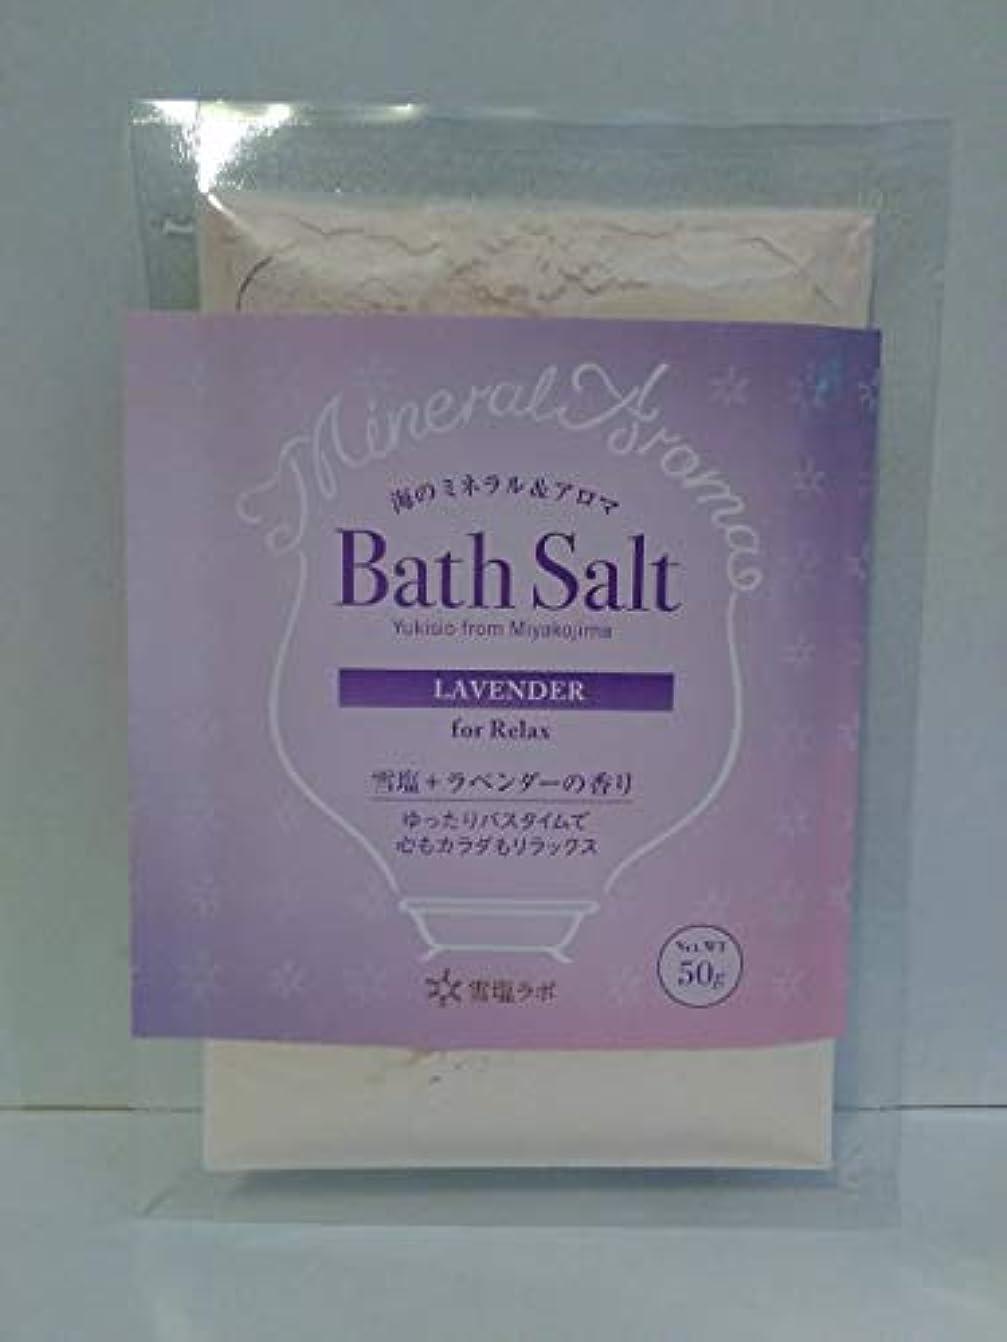 ショルダー衛星好意海のミネラル&アロマ Bath Salt 雪塩+ラベンダーの香り